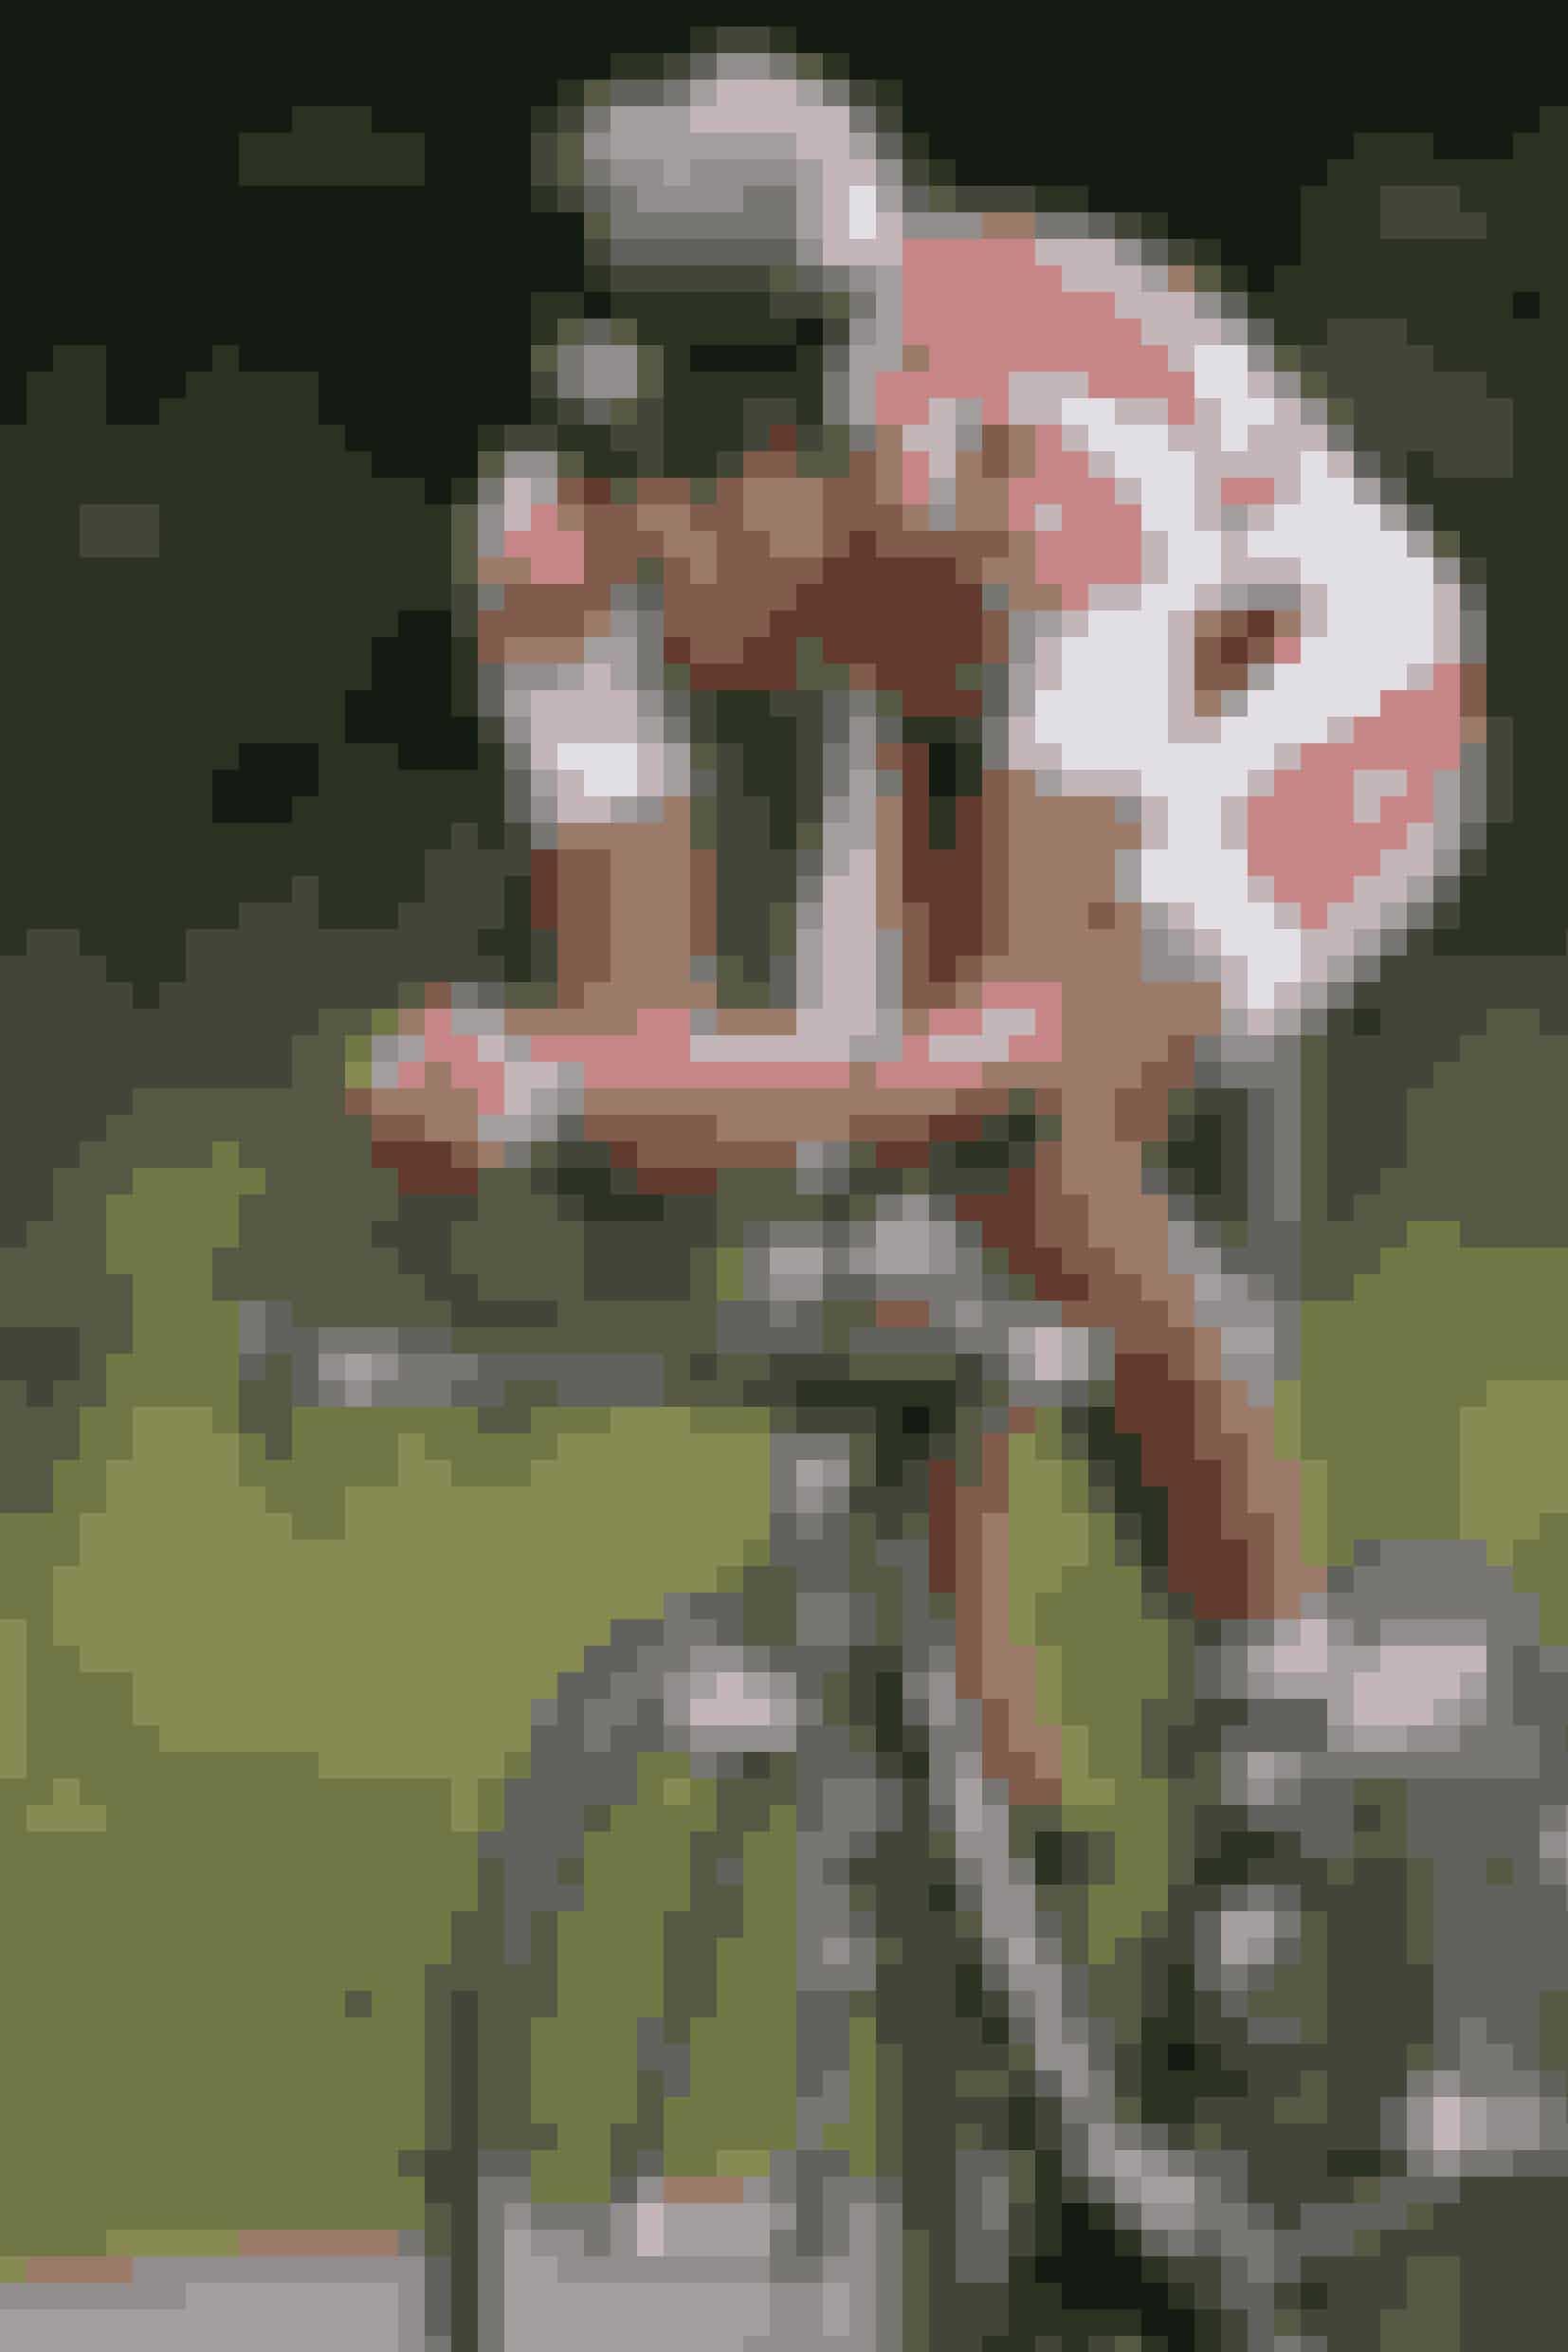 Mette og Bjarnes søn, Thomas, er gået i farens fodspor og kan også skrive cykelrytter på cv'et. Her er billedet taget til Post Danmark rundt i 2011.